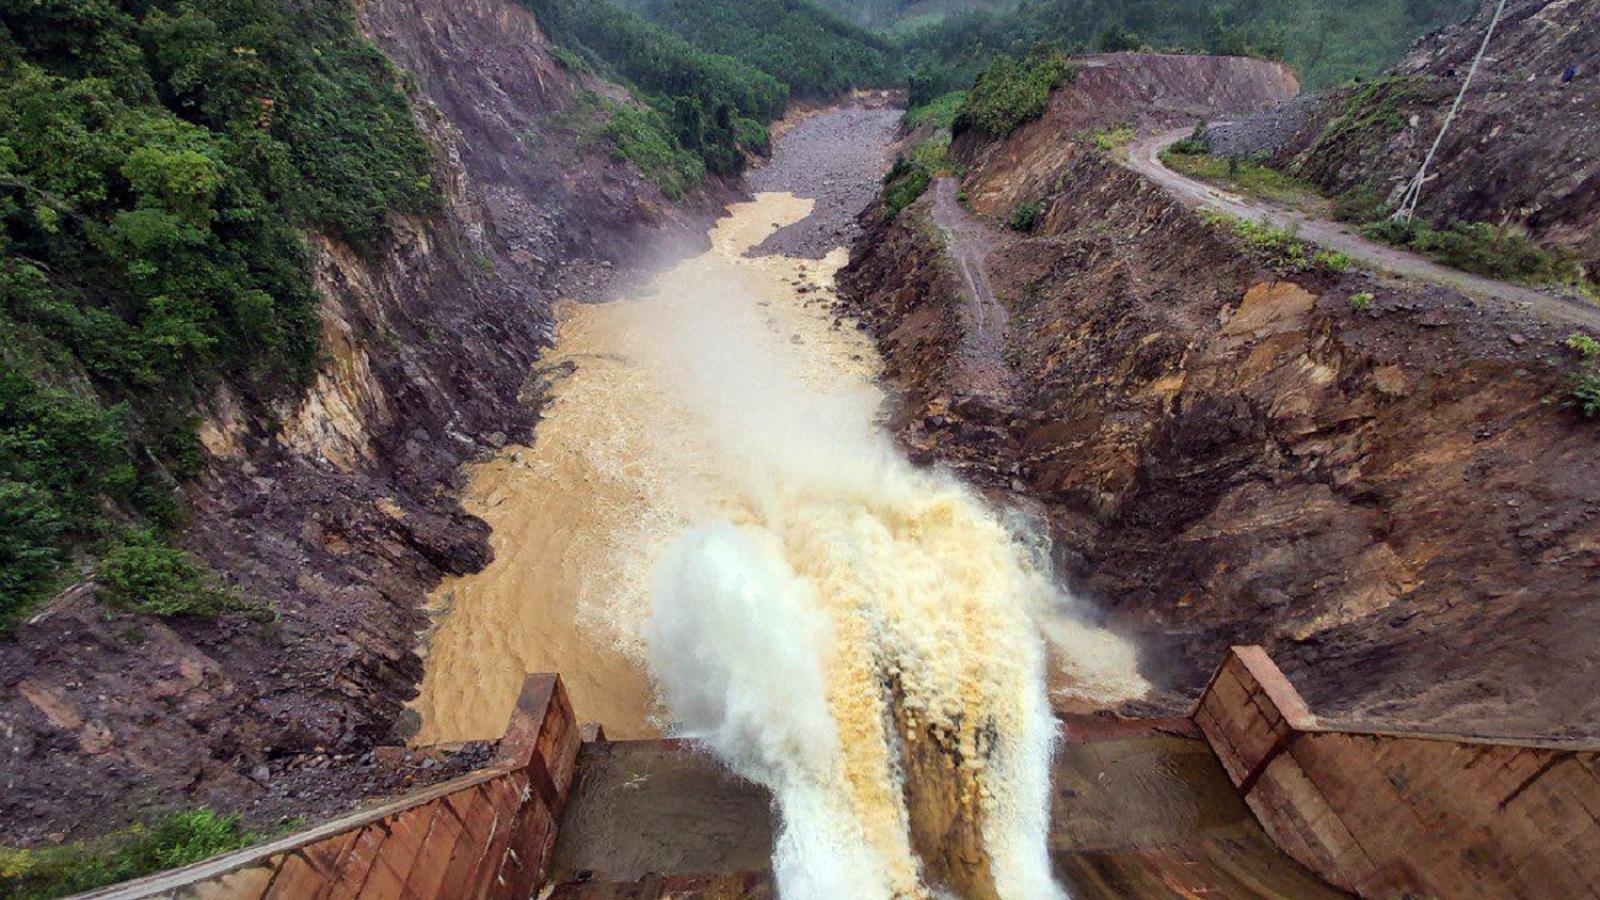 Thủy điện Thượng Nhật lại tích nước trái phép, chống lệnh của lãnh đạo tỉnh